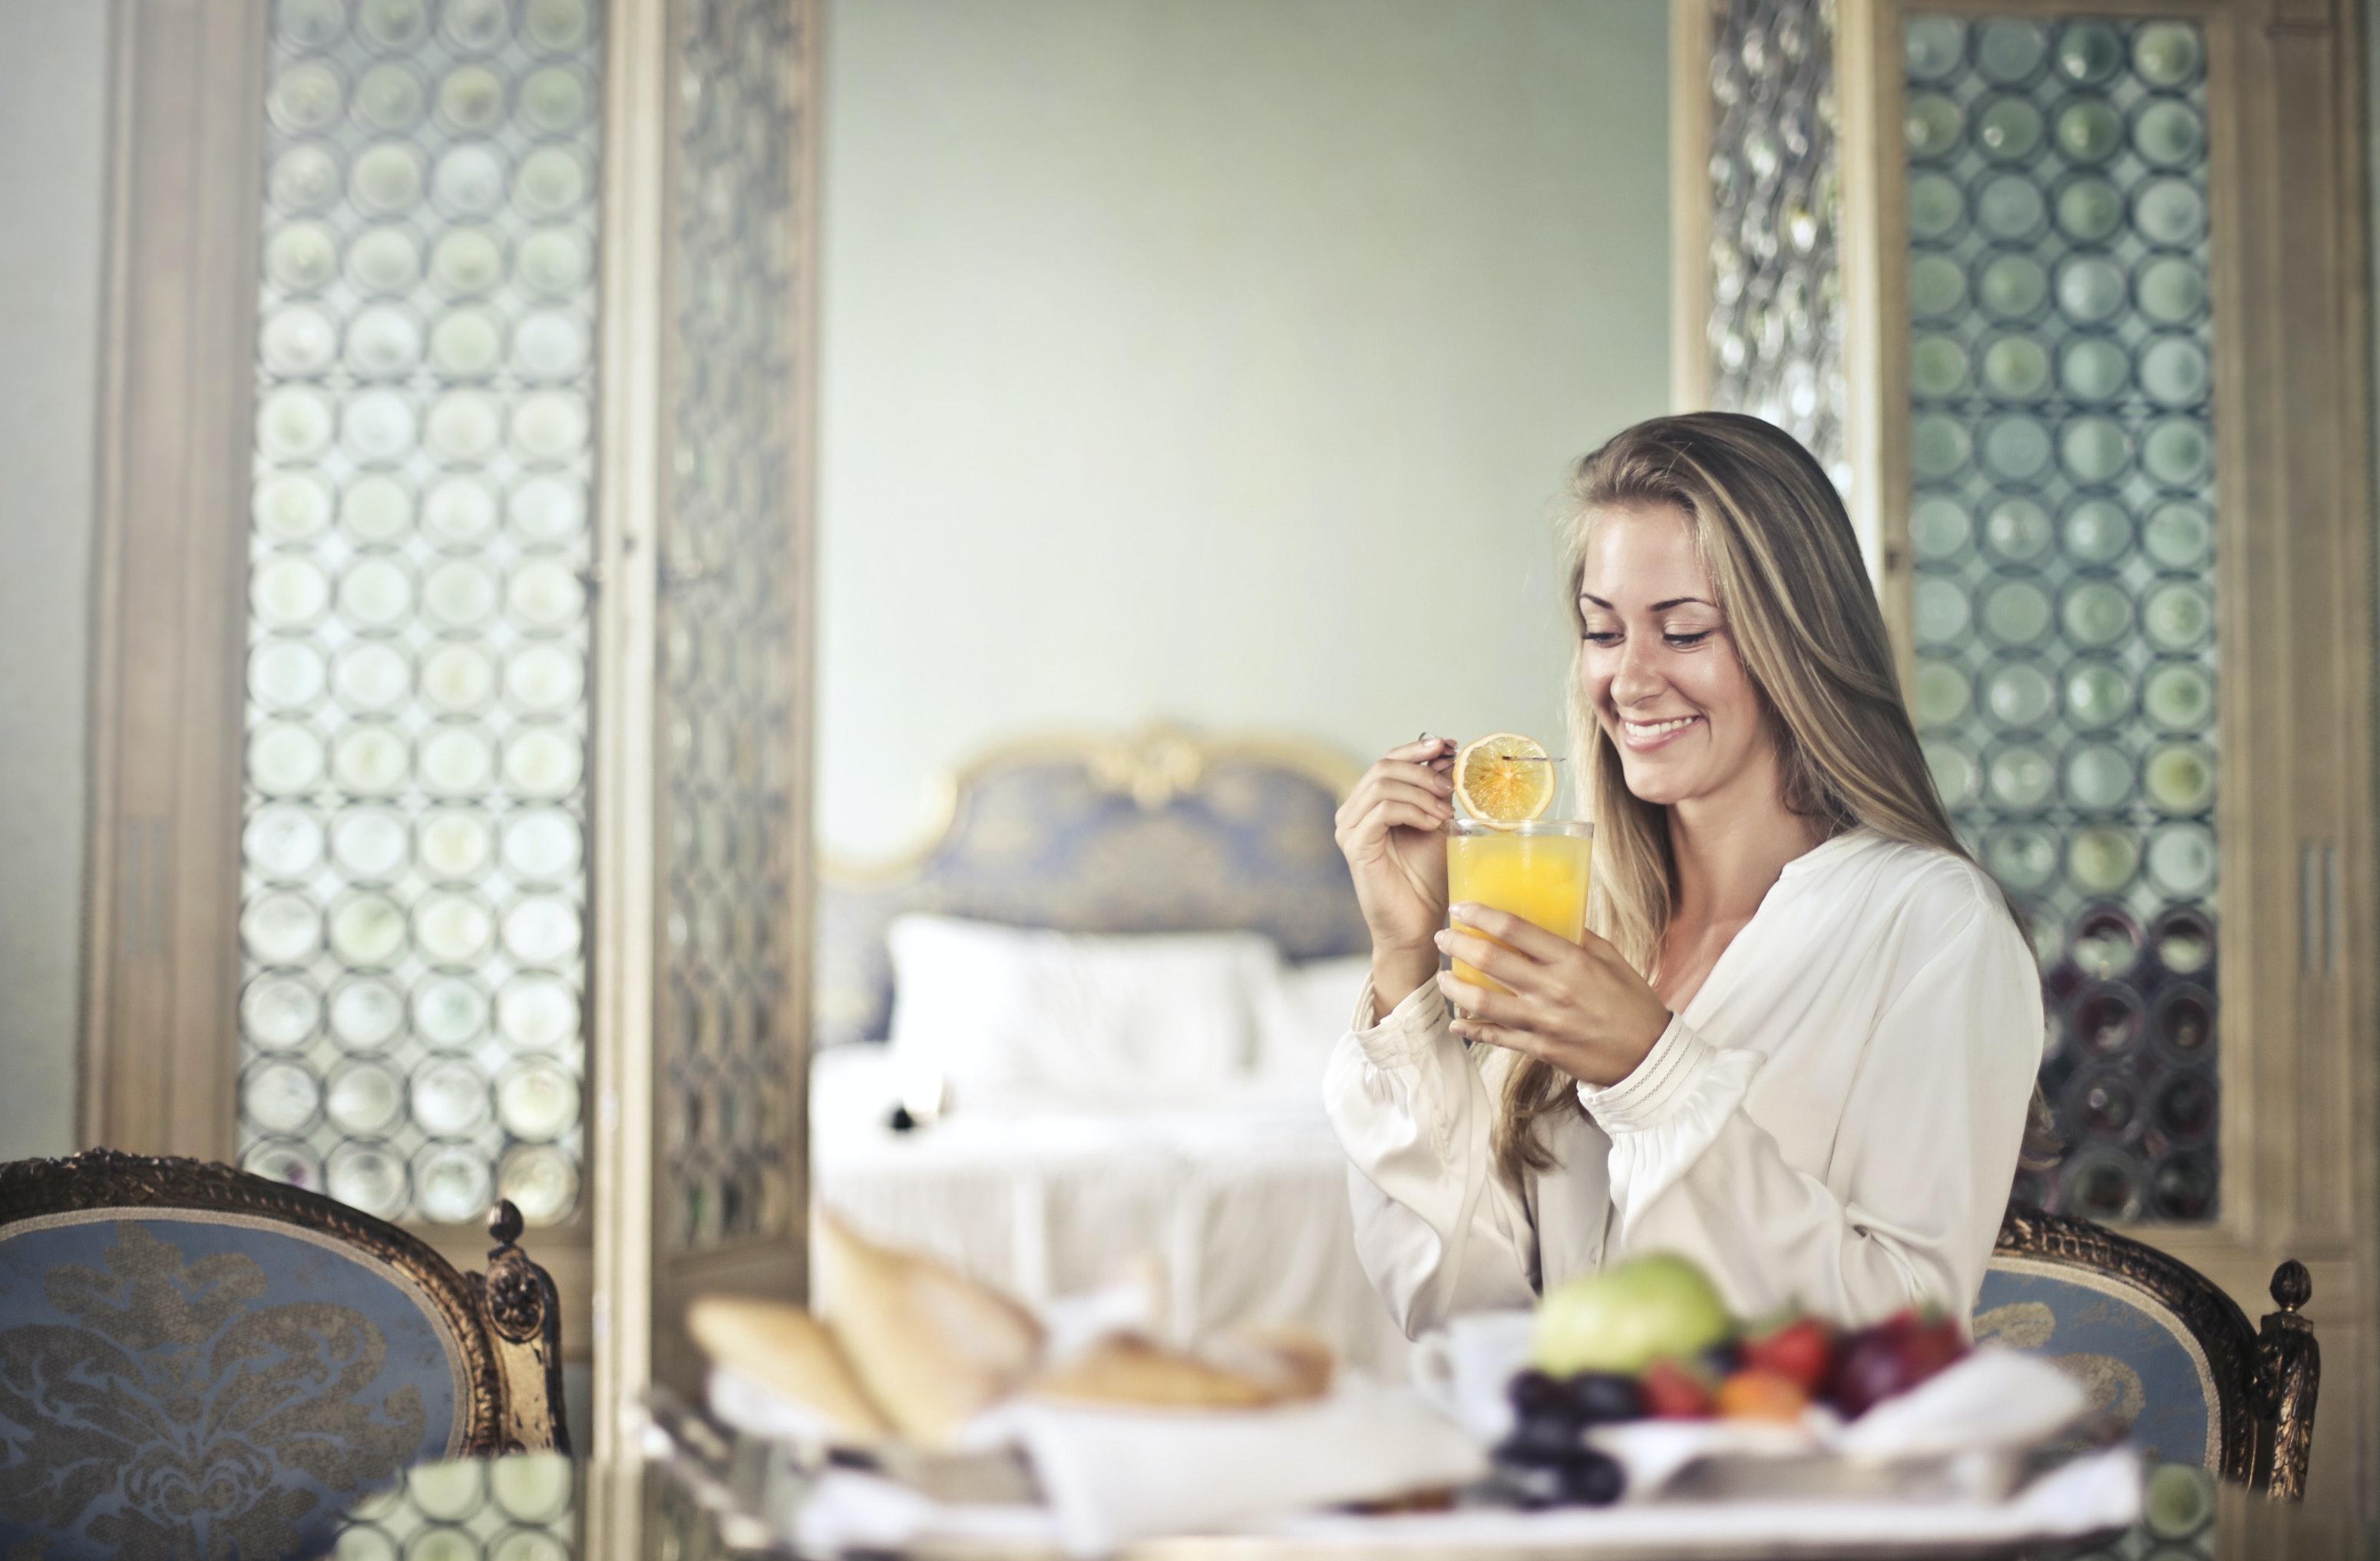 Hotelarrangementen: waarom zijn ze (nu extra) belangrijk?